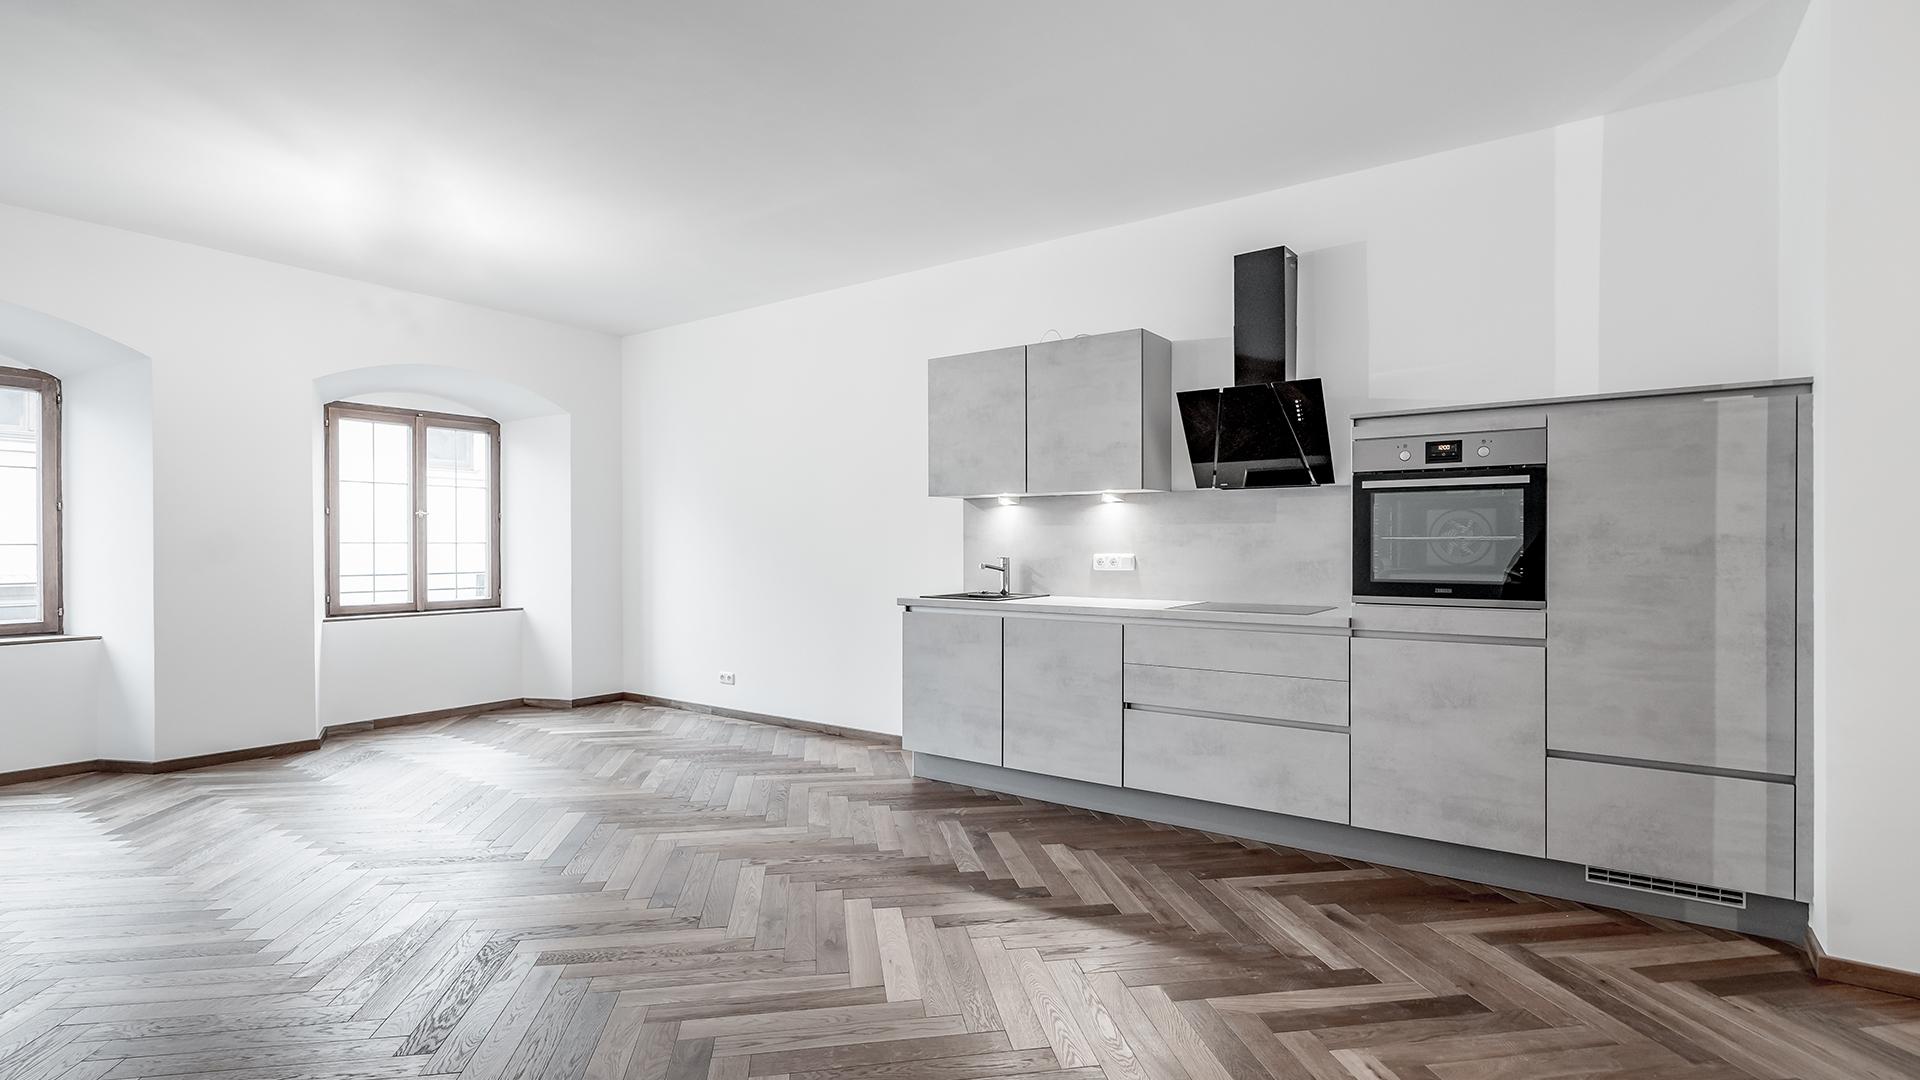 Küche und Wohnbereich im Blauen Haus